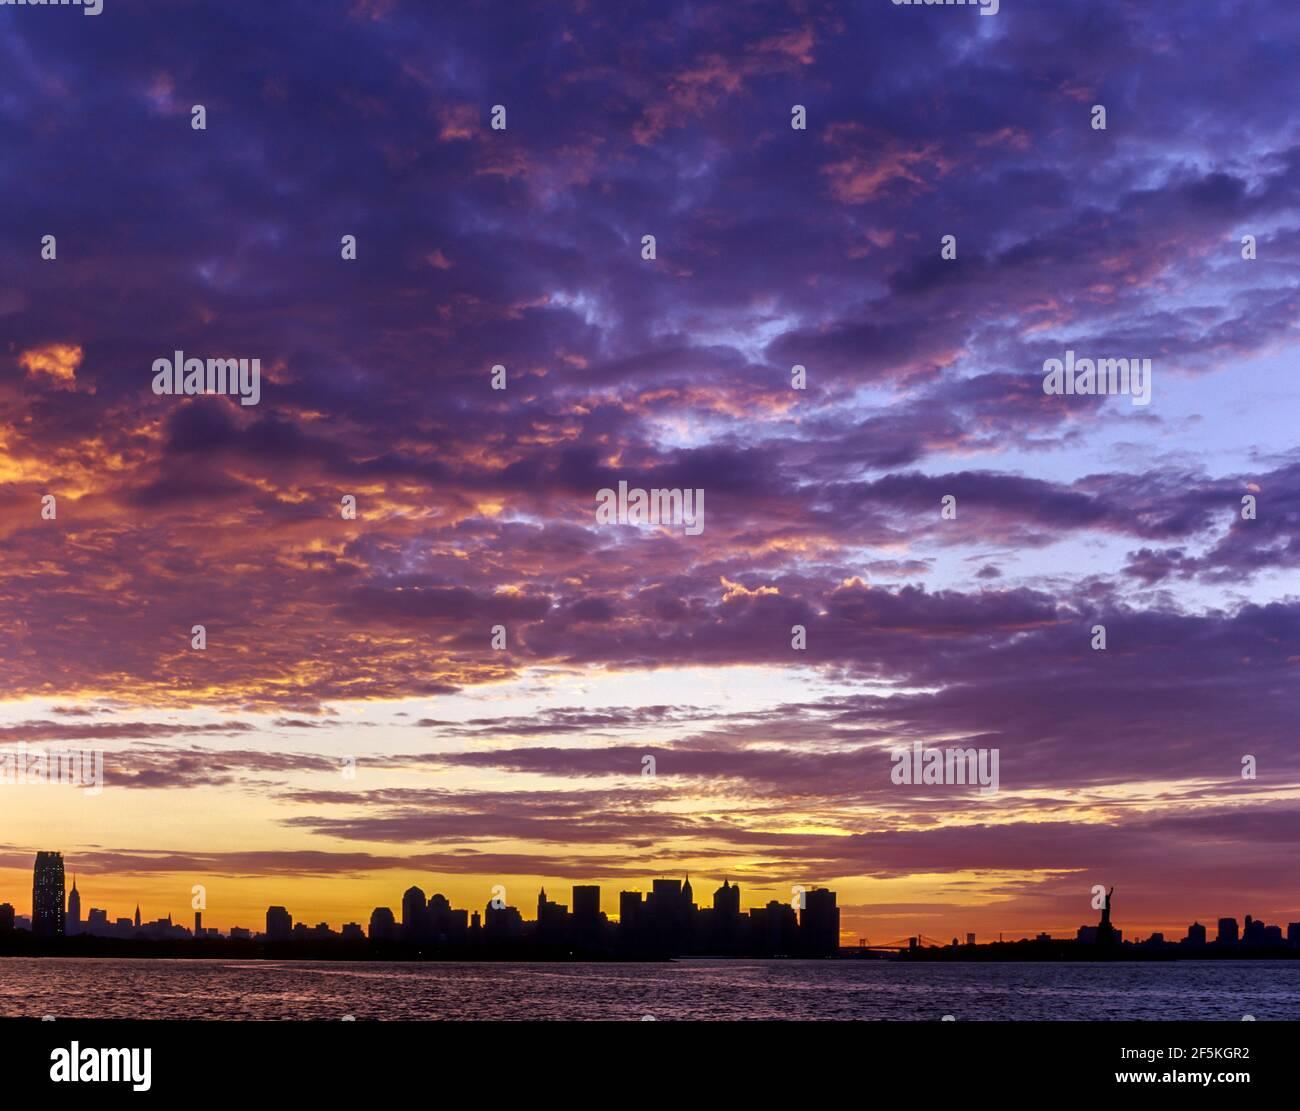 2003 CENTRE-VILLE HISTORIQUE HORIZON MANHATTAN NEW YORK CITY ETATS-UNIS Banque D'Images